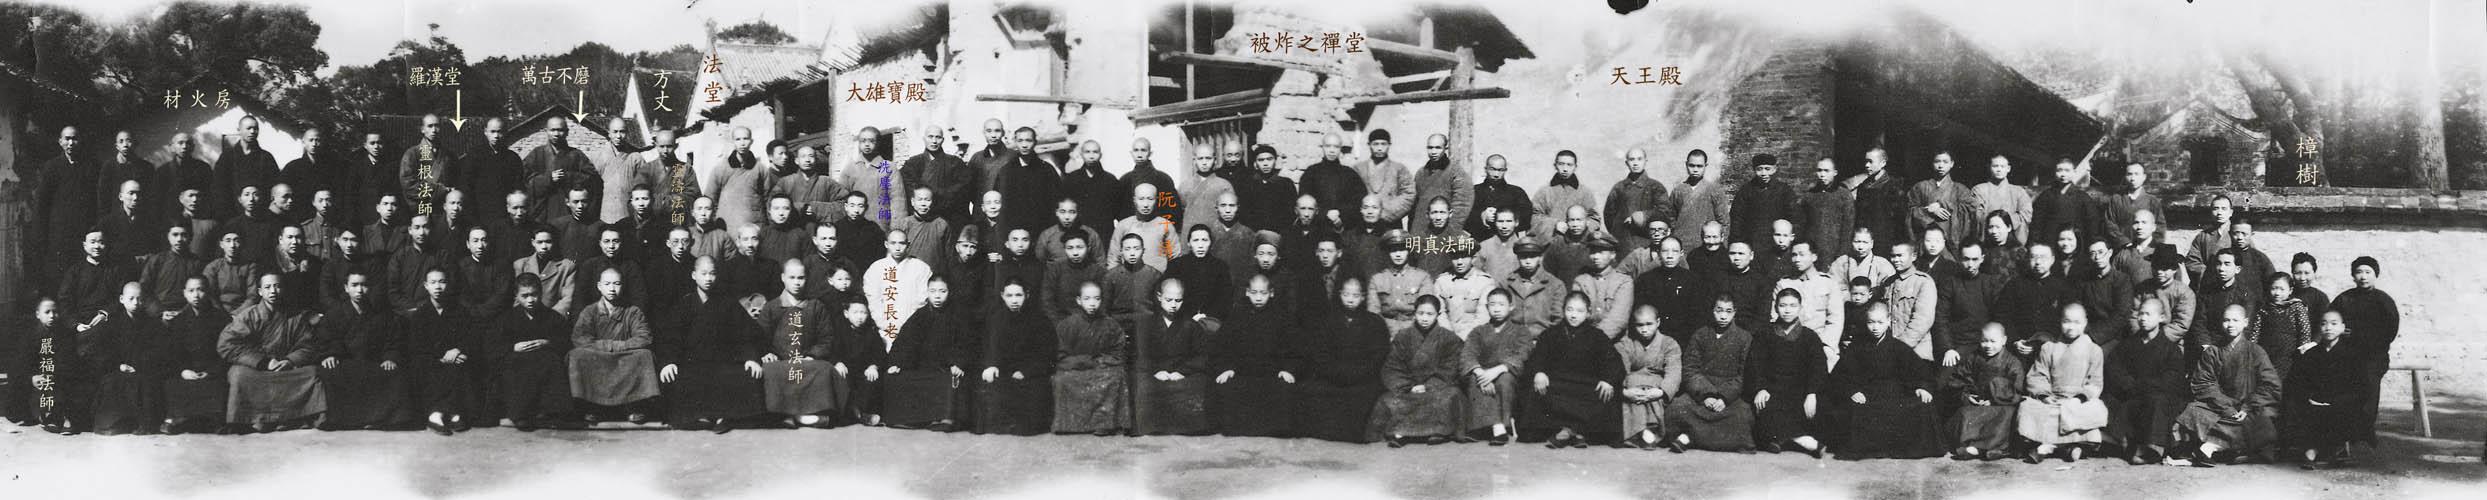 1948年2月24日道安長老入主祝聖寺住持及南岳佛學院長典禮時之攝影。